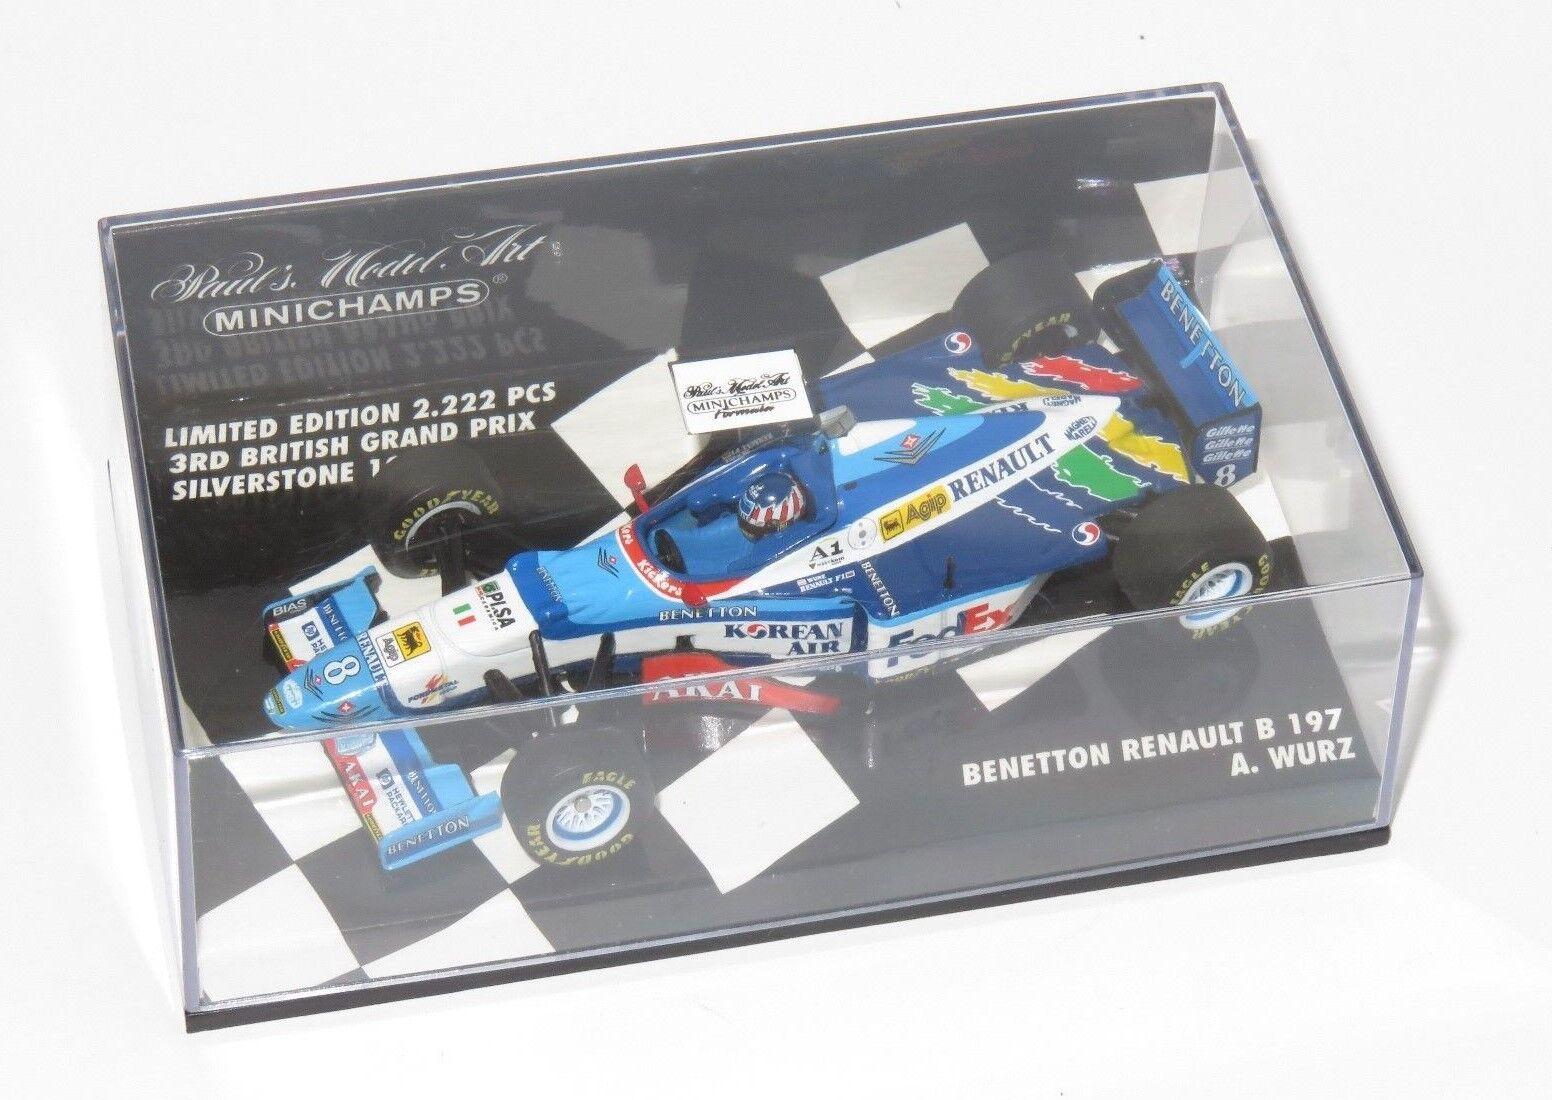 1/43 Benetton Renault B197 Alex Wurz saison 1997 1997 1997 British GP Limited Edition   à L'aise  ead761